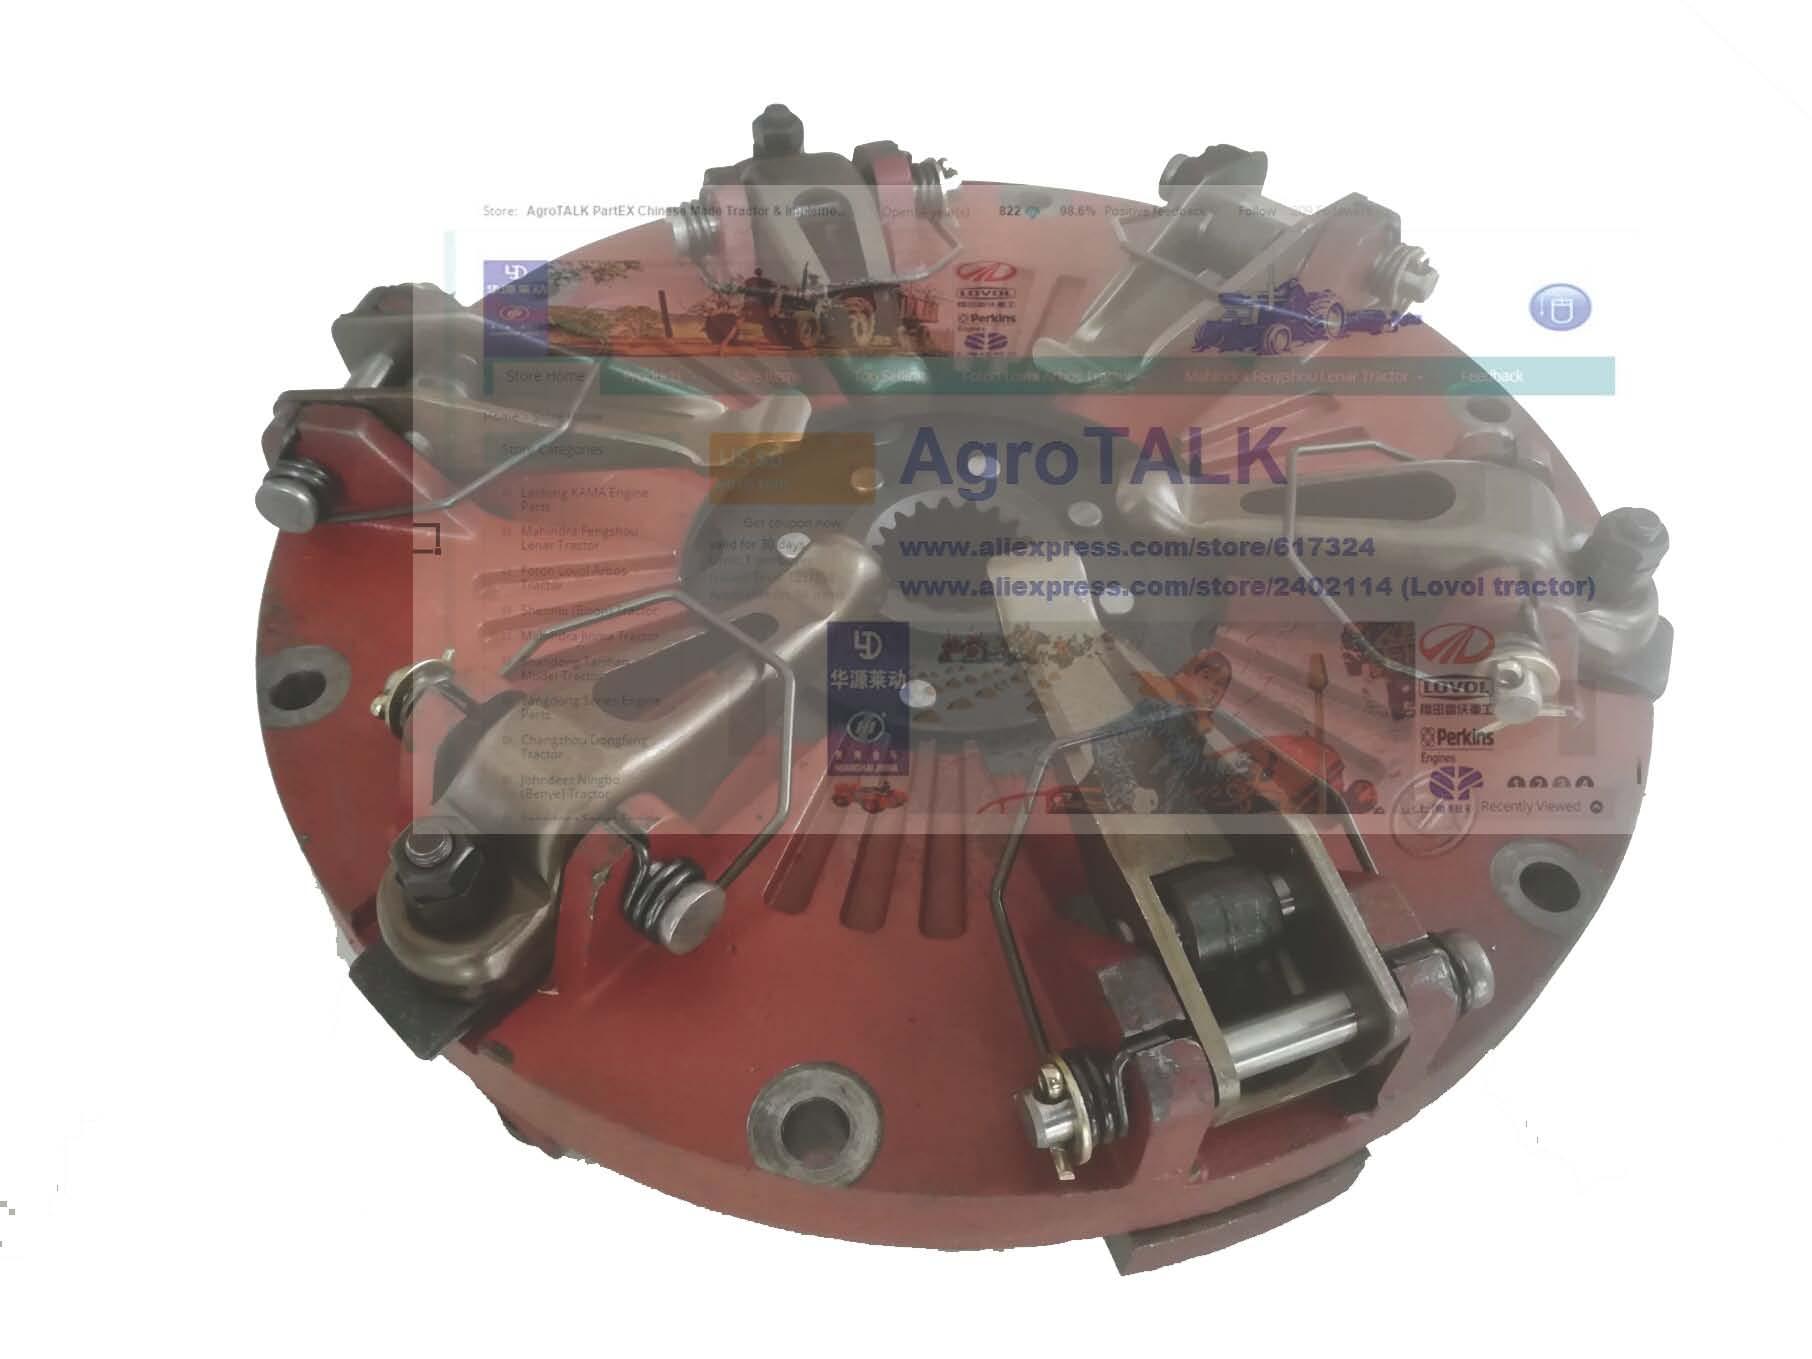 TB550.211A, o 10 polegada disco de embreagem com PTO para Foton FT404 FT454 TB504 trator, por favor verifique o diâmetro de sua embreagem